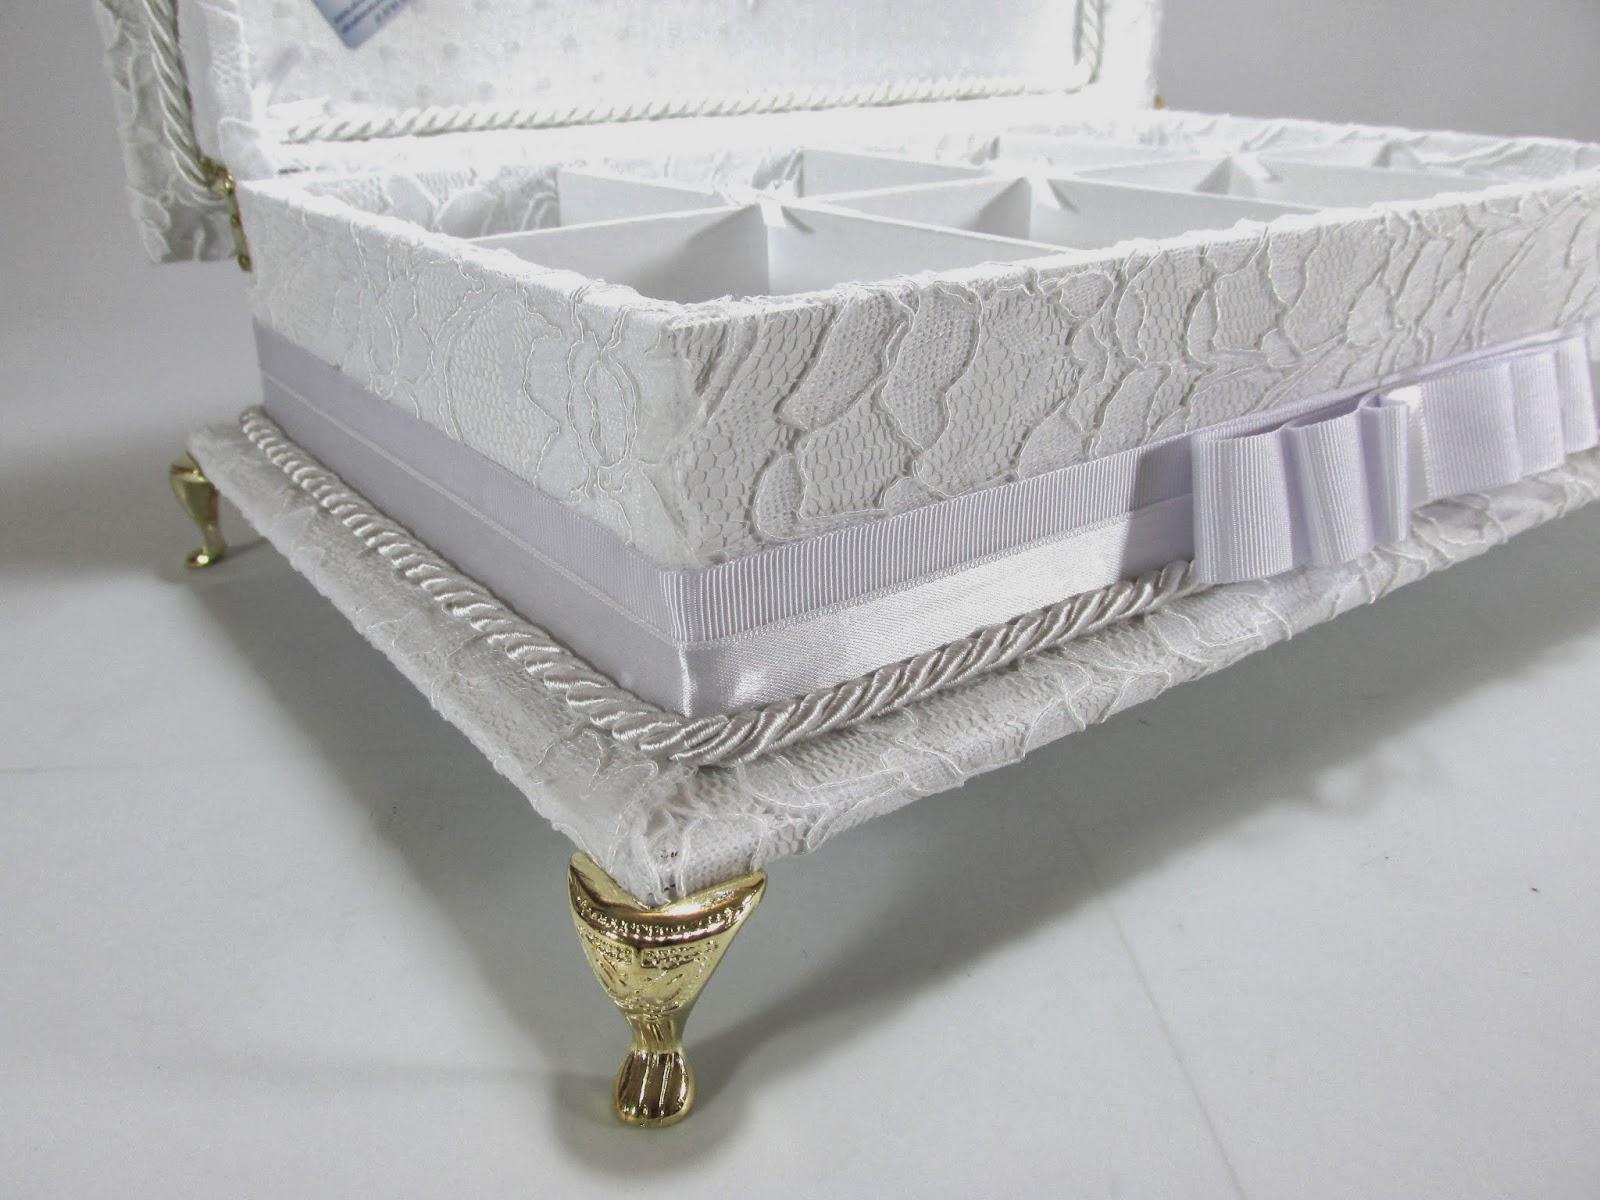 Caixa Kit Toalete em RENDA, bordada e com pés de metal Um luxo!! -> Kit Banheiro Mdf Decorado